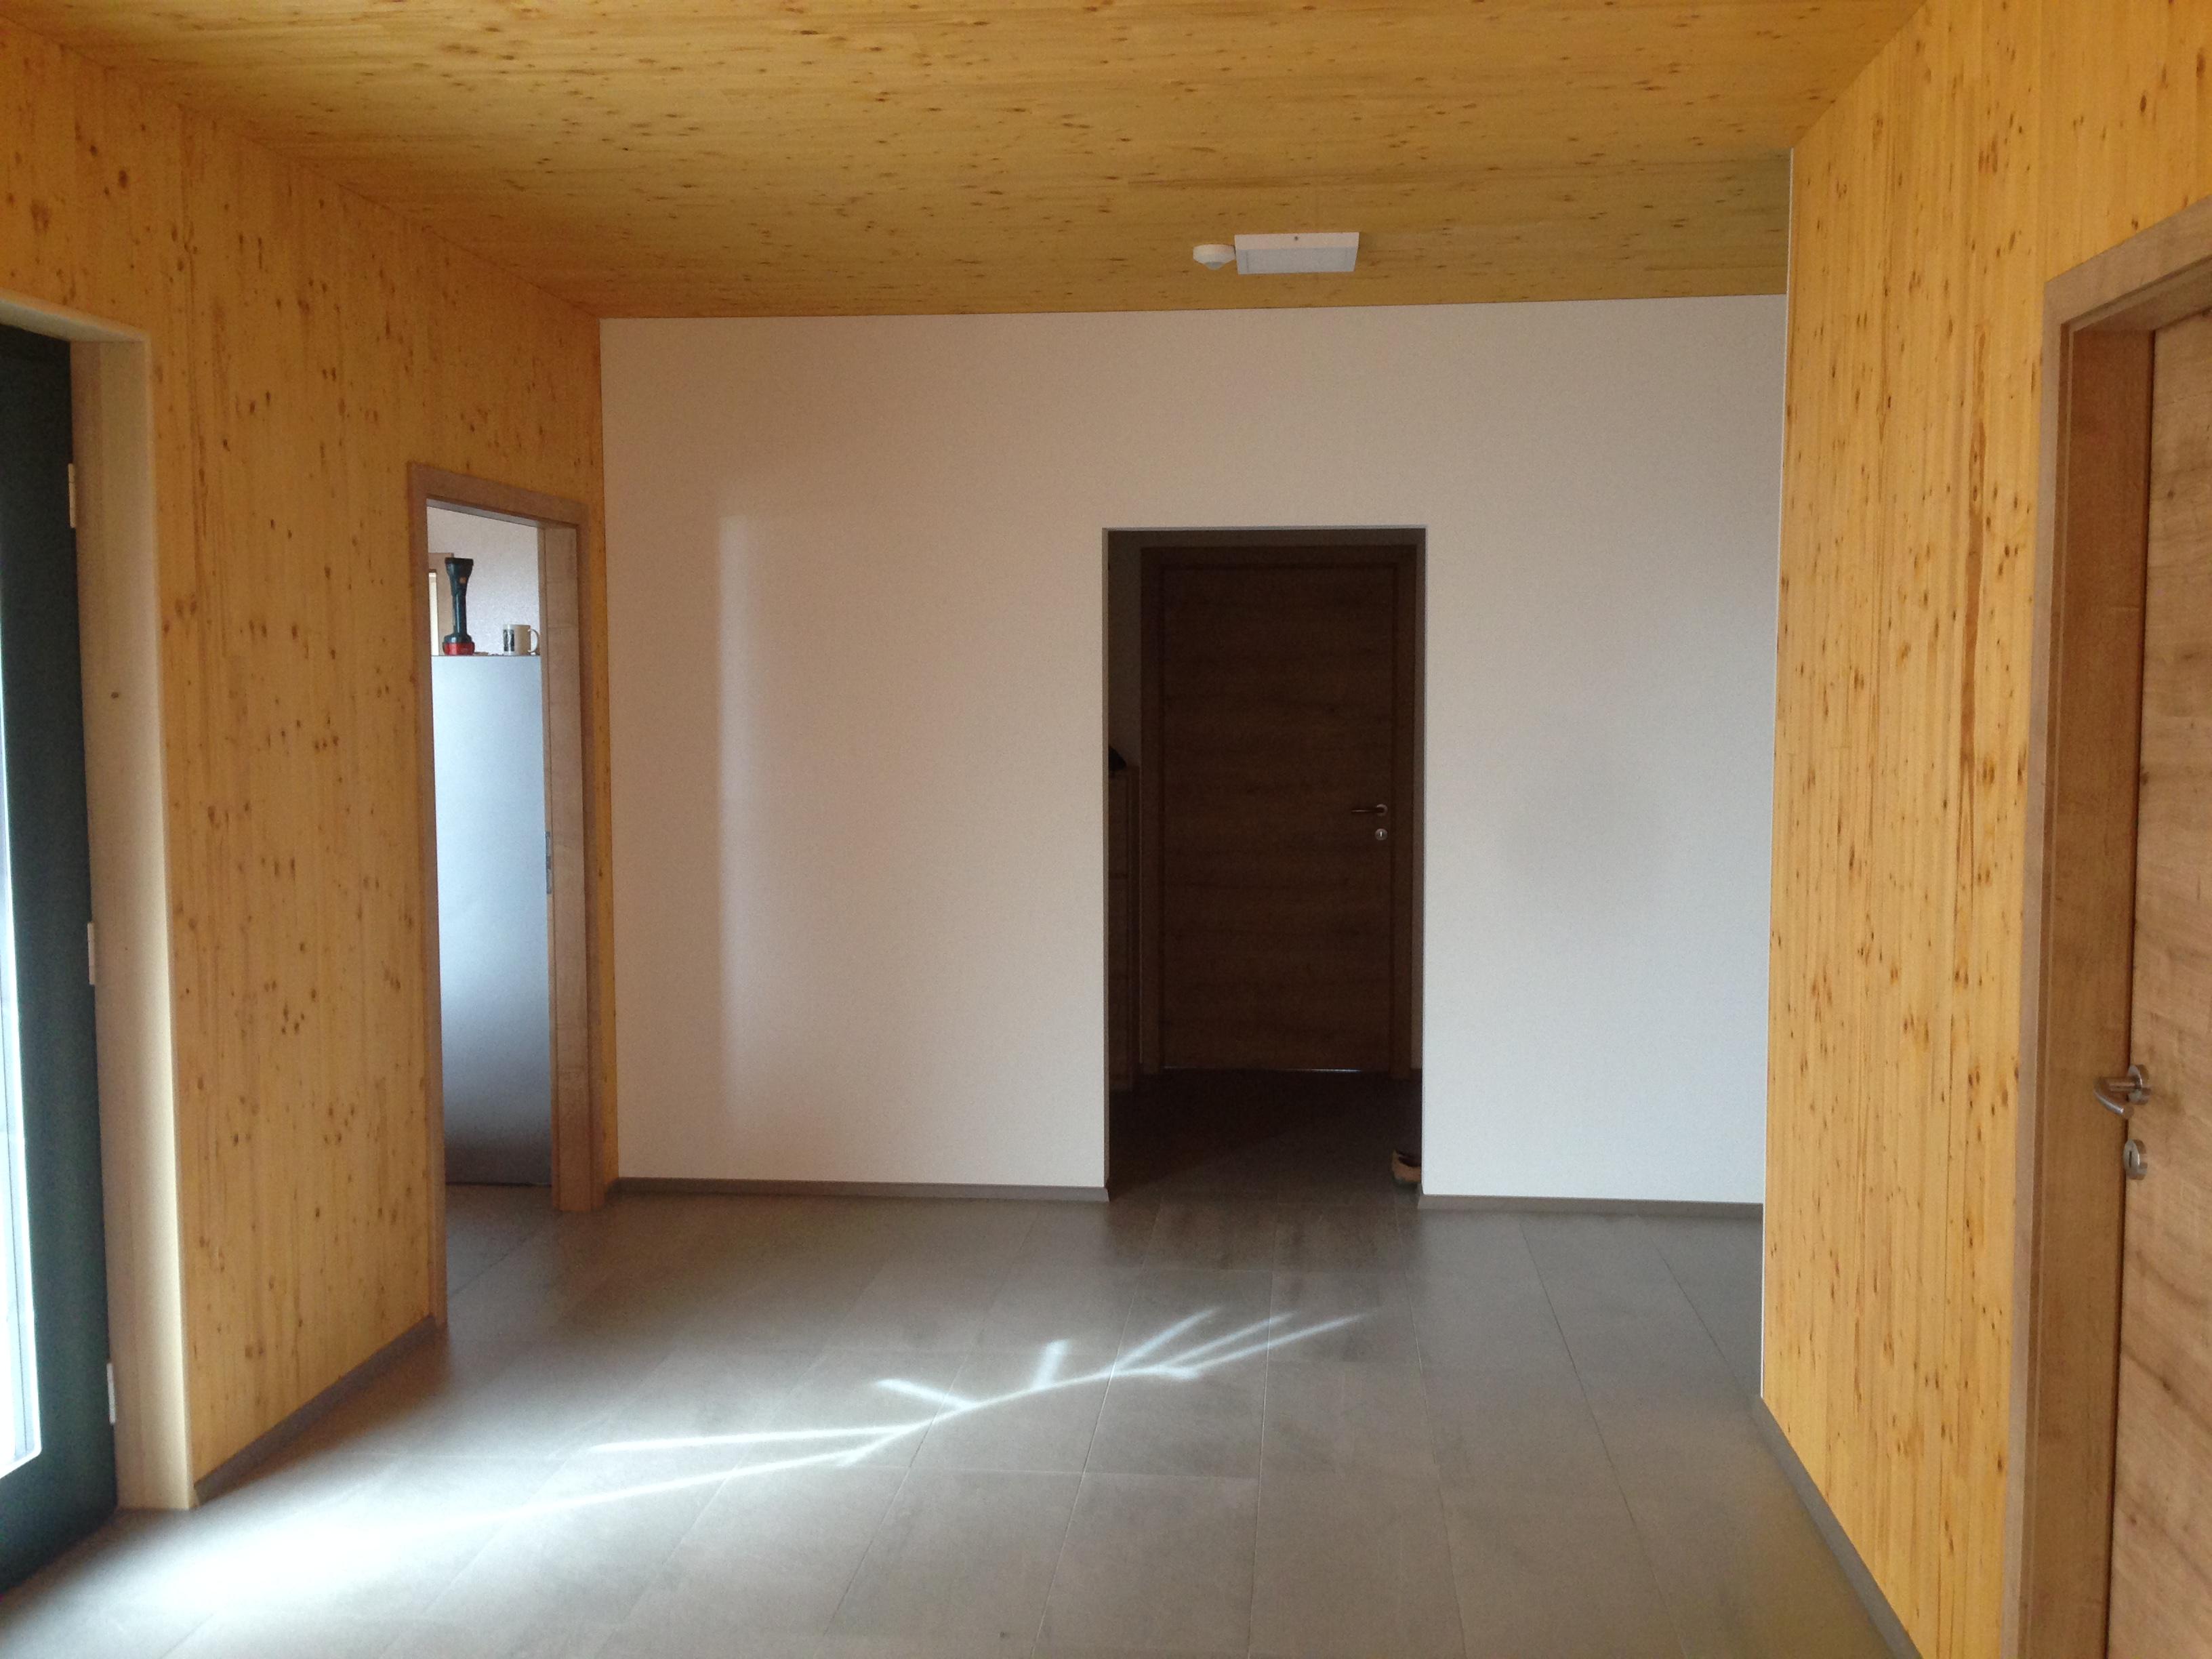 innenausbau rigips affordable der von in mnchen. Black Bedroom Furniture Sets. Home Design Ideas